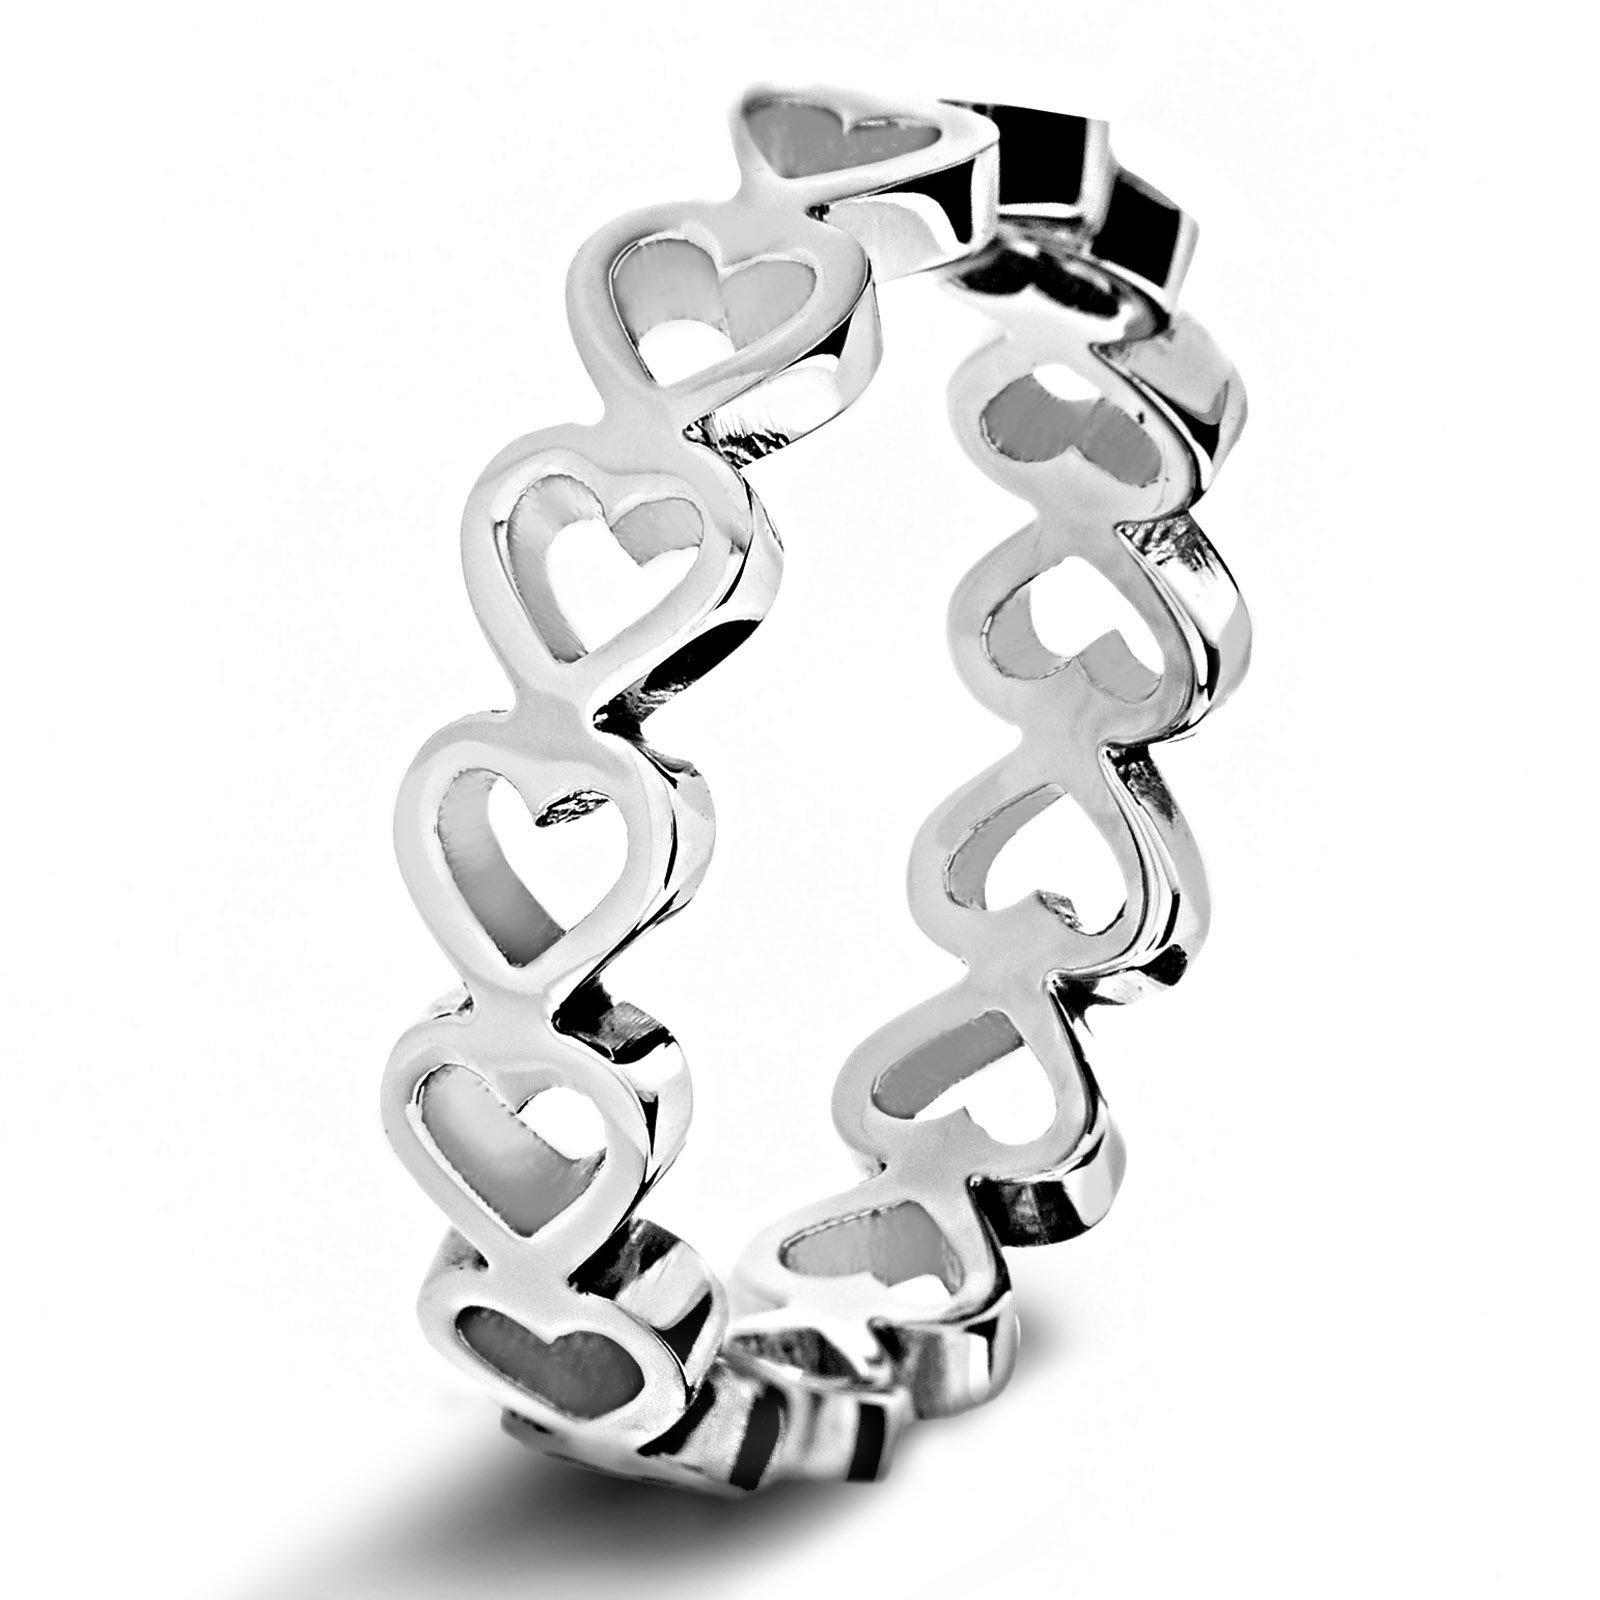 West Coast Jewelry Women's Stainless Steel Open Heart Eternity Ring (5 mm) - Size 9